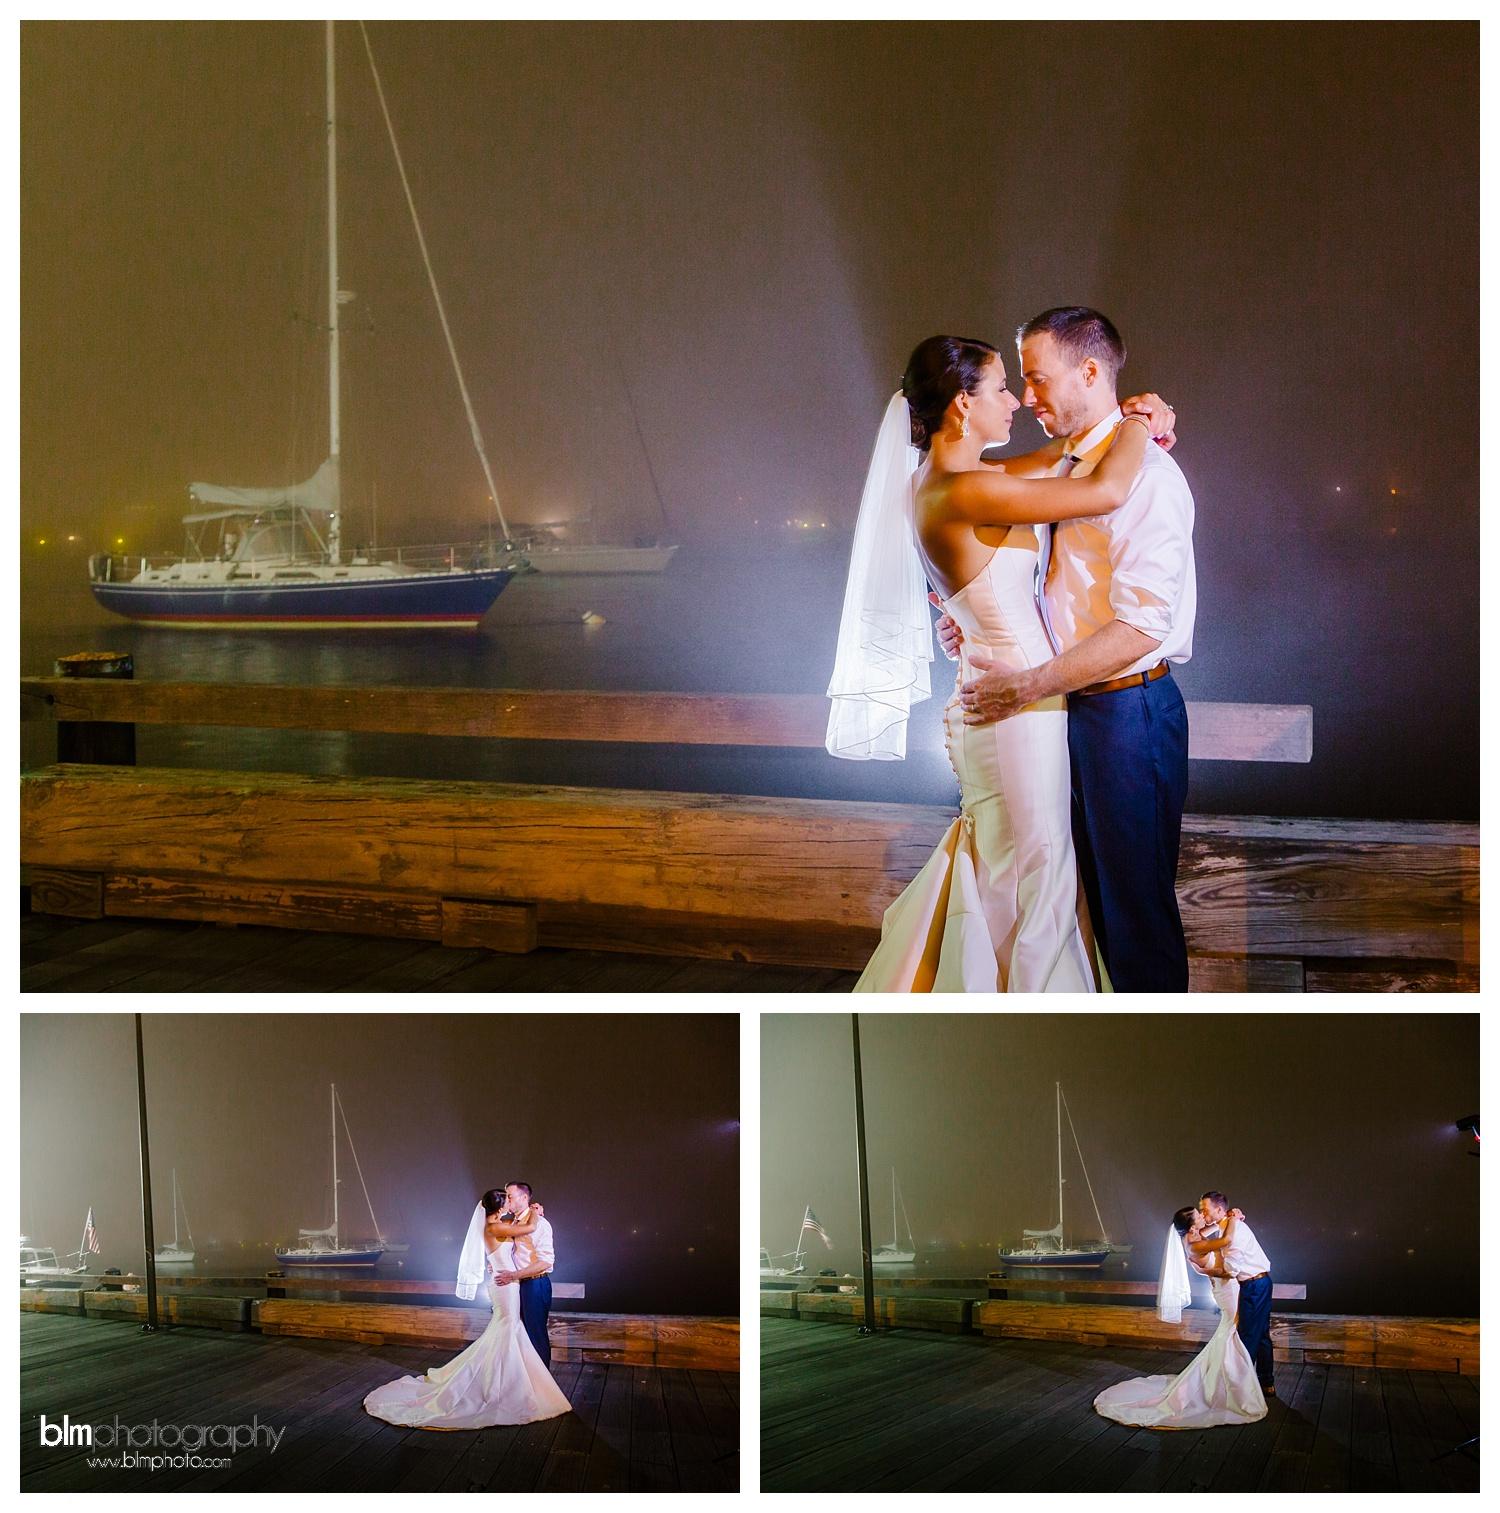 378Nathalie & Kirwan Married at The Maritime Museum_20170916_5890.jpg